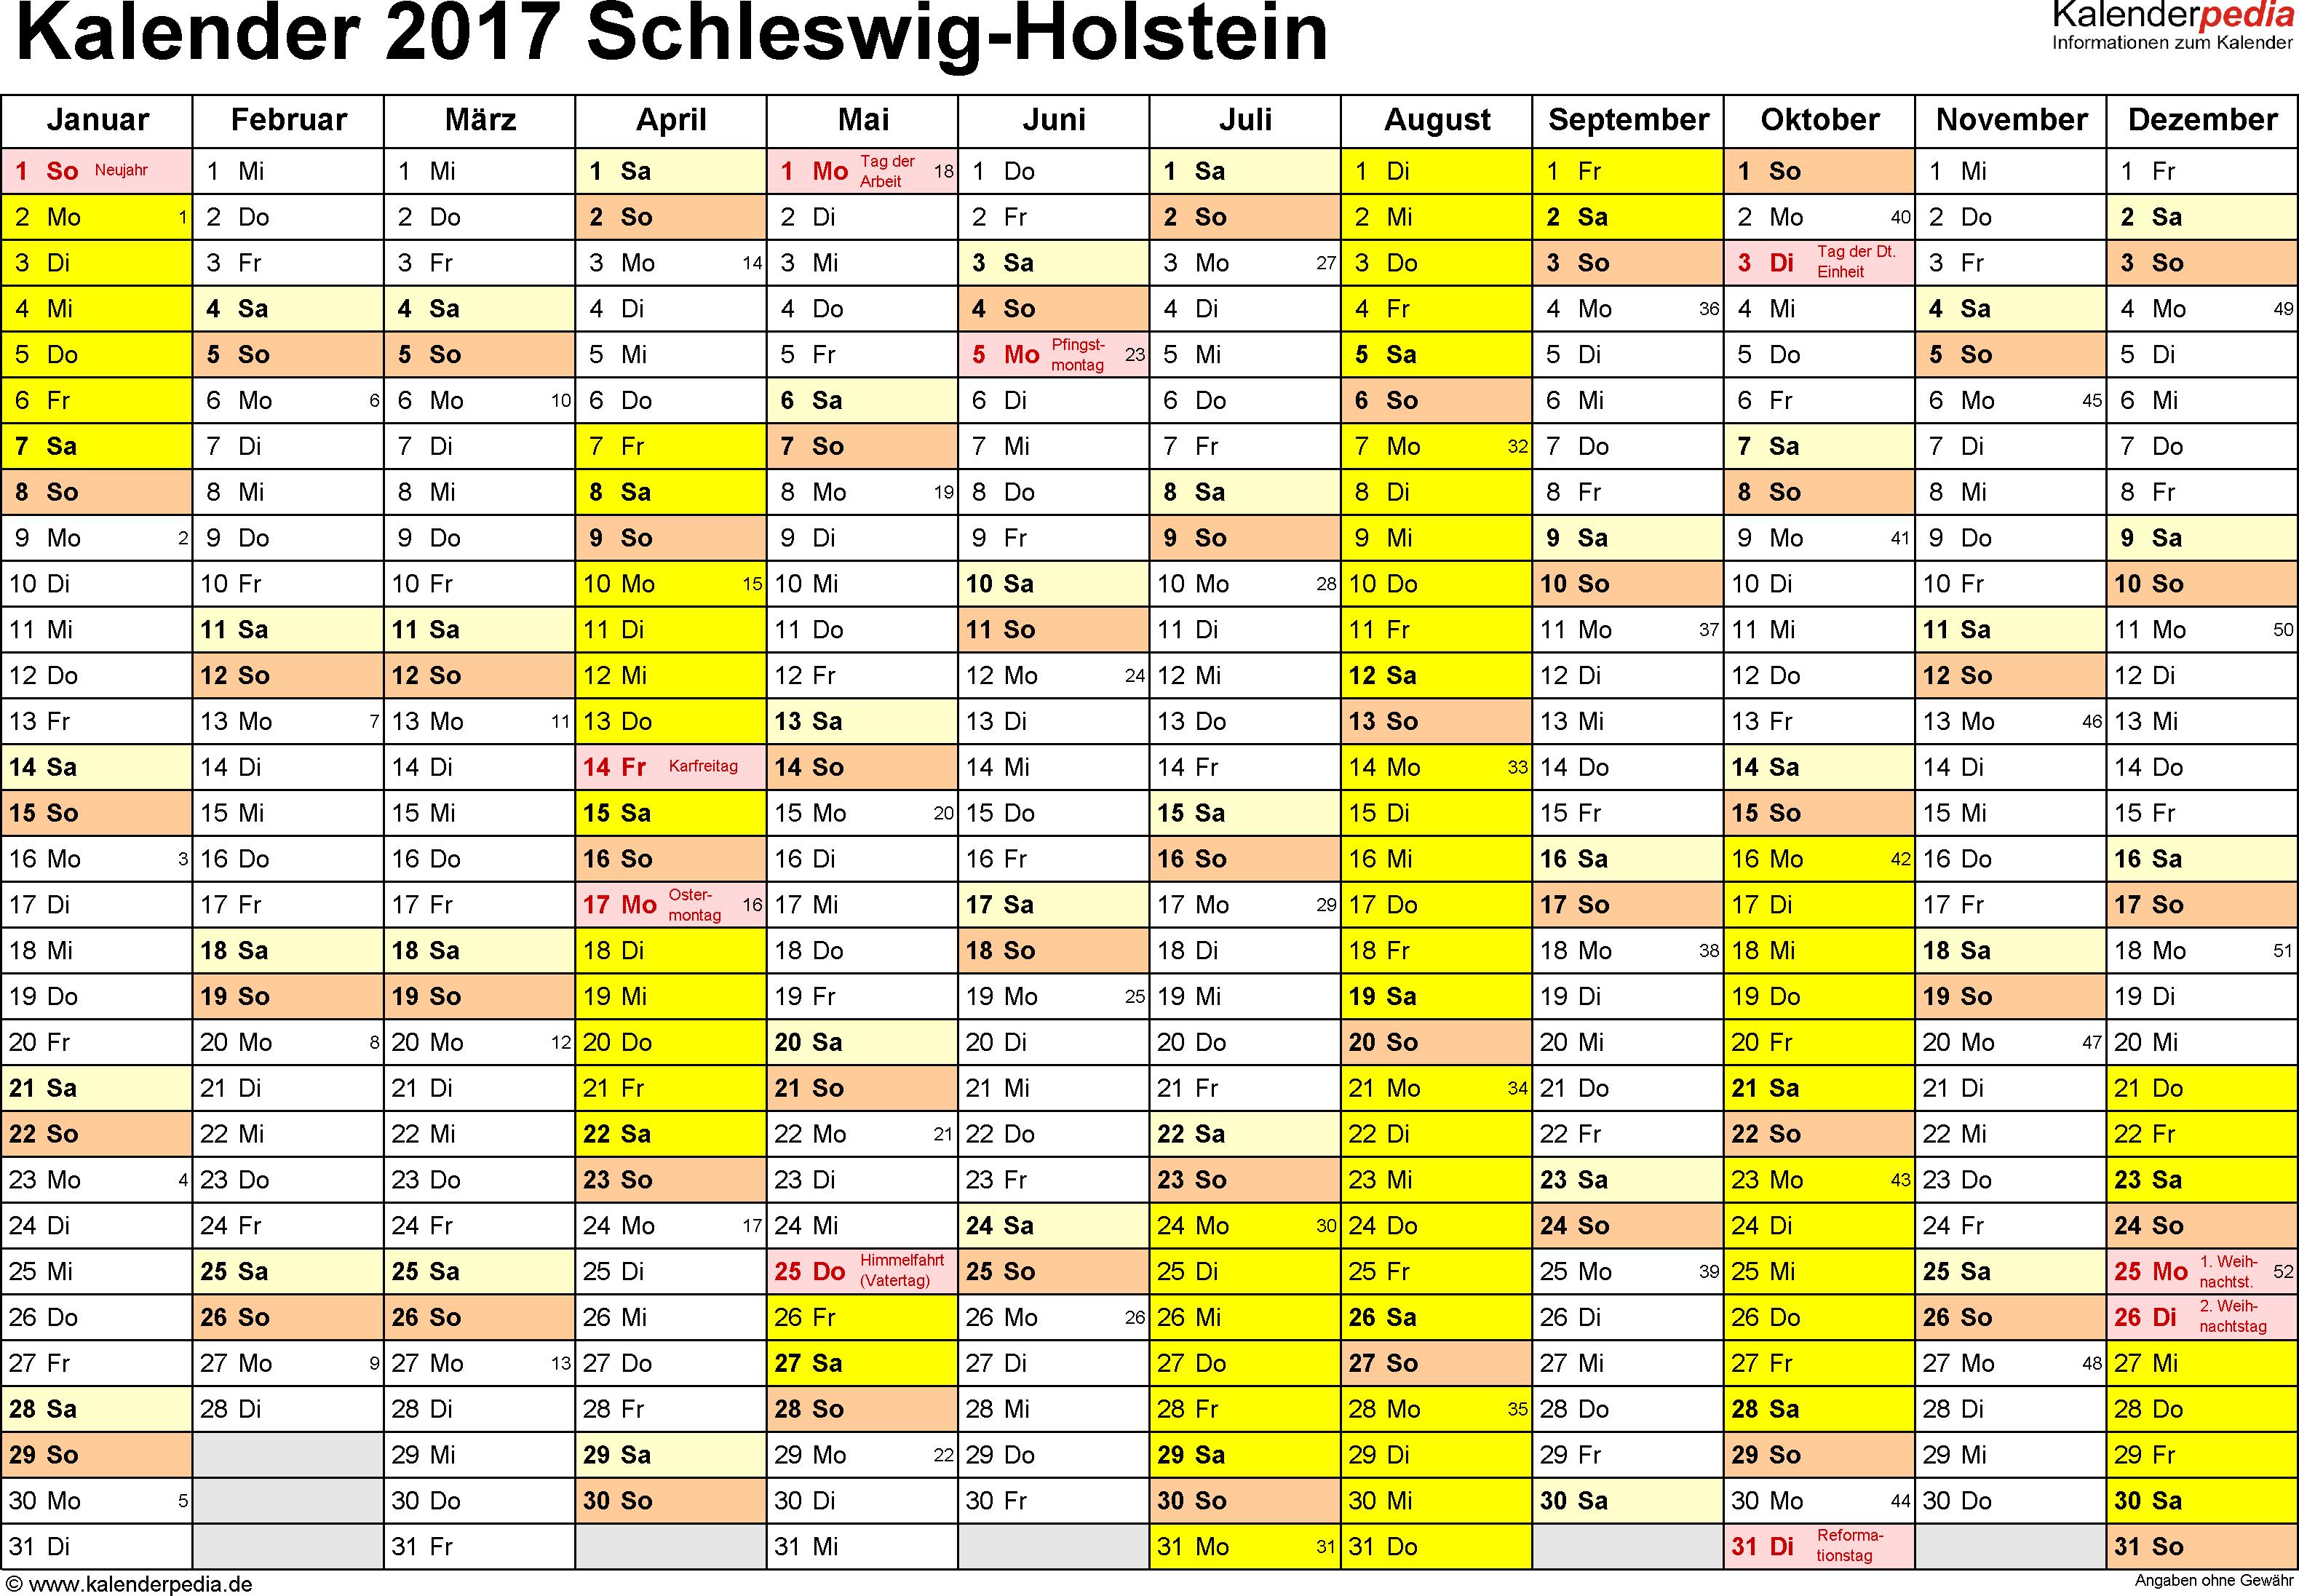 Vorlage 1: Kalender 2017 für Schleswig-Holstein als PDF-Vorlage (Querformat, 1 Seite)